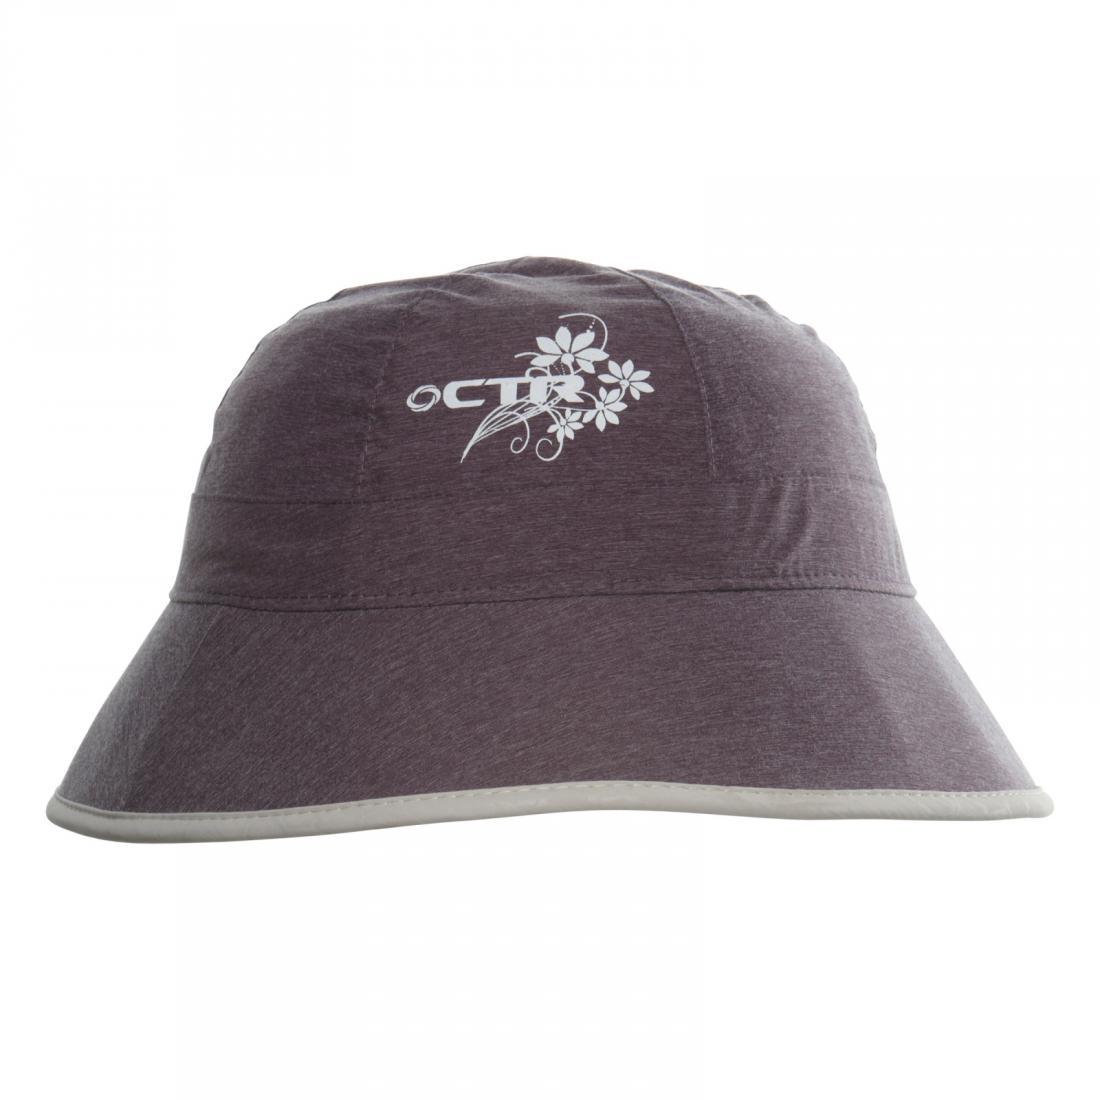 Панама Chaos  Stratus Cloche Rain Hat (женс)Панамы<br><br> Яркая дождевая женская панама Chaos Stratus Cloche Rain Hat станет отличным решением для пасмурного дня. Она функциональна и удобна, имеет привлекательный внешний вид и отличается высоким качеством материалов.<br><br><br>Панама выполнена из ...<br><br>Цвет: Фиолетовый<br>Размер: S-M